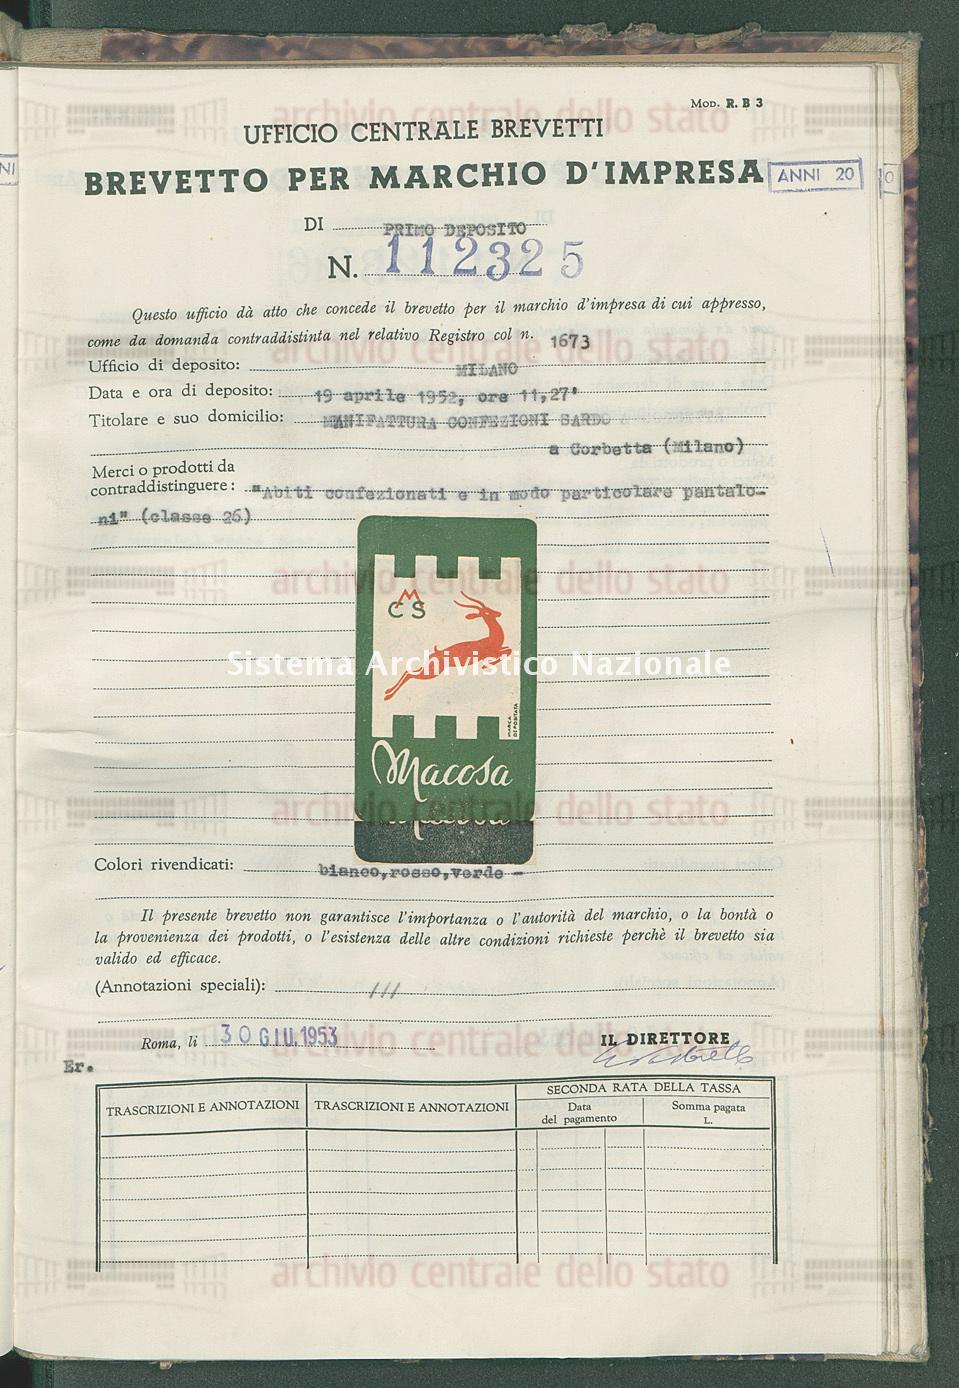 'Abiti confezionati e in modo particolare pantaloni' Manifattura Confezioni Sardo (30/06/1953)